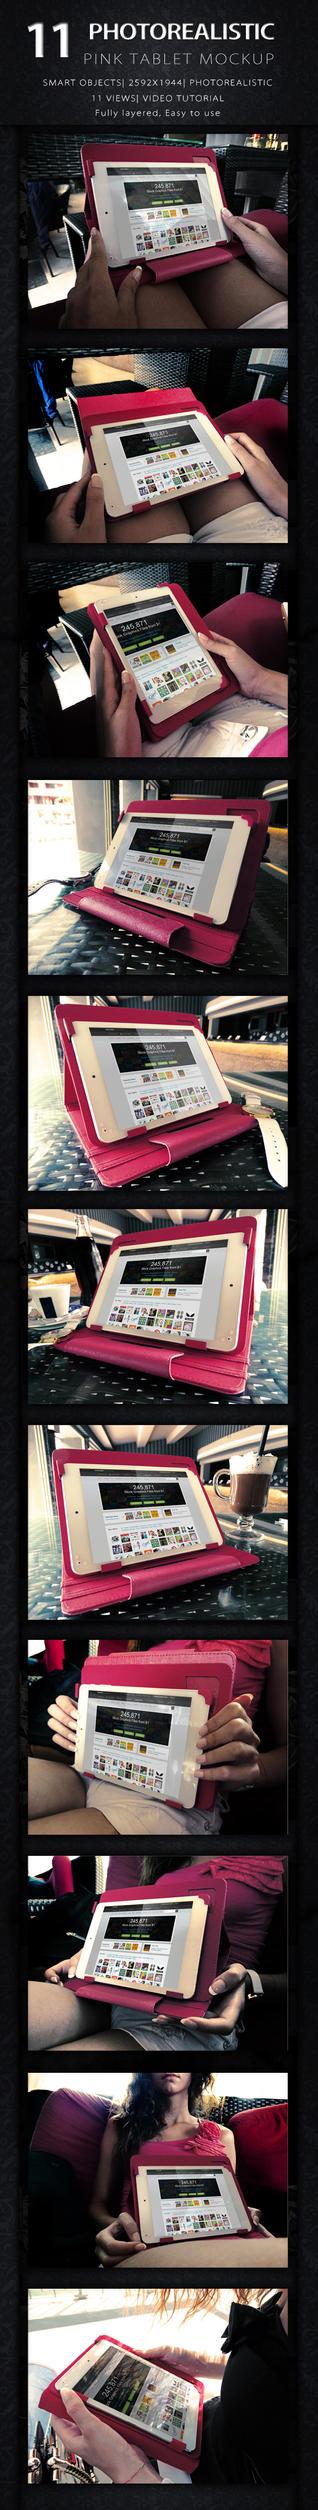 Pink tablet Mock up by KILVAM